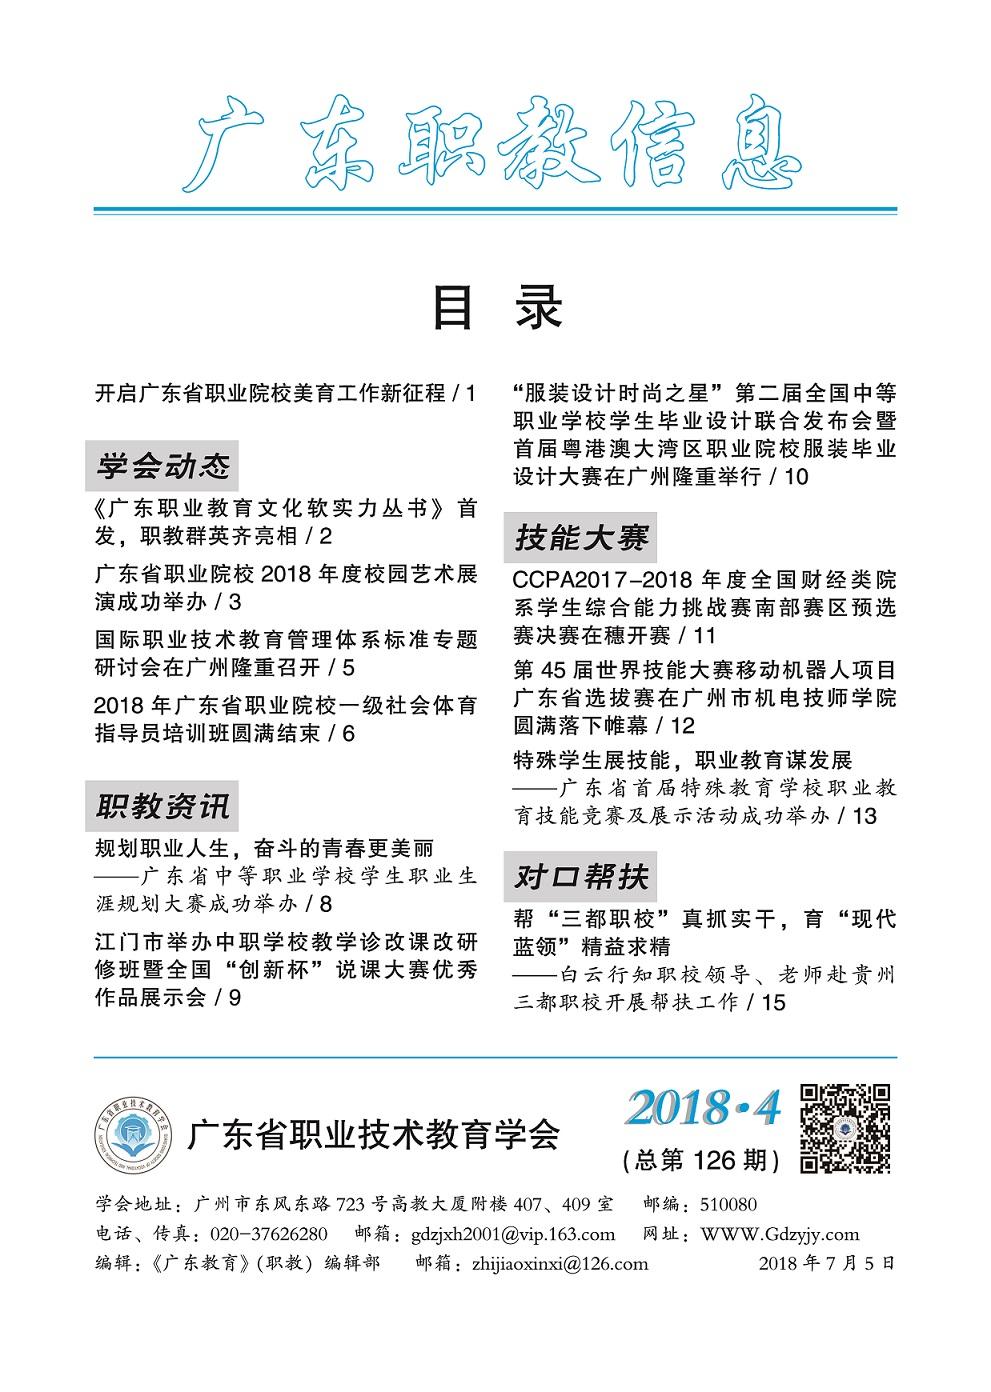 页面提取自-广东职教信息2018年第4期.jpg